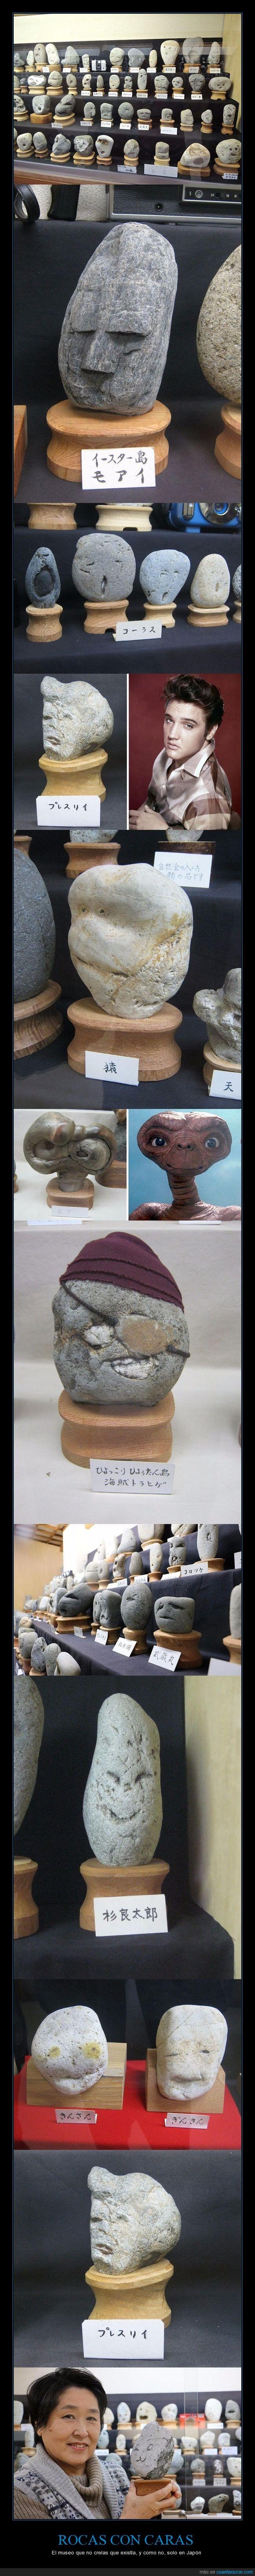 caras,museo,piedras,rocas